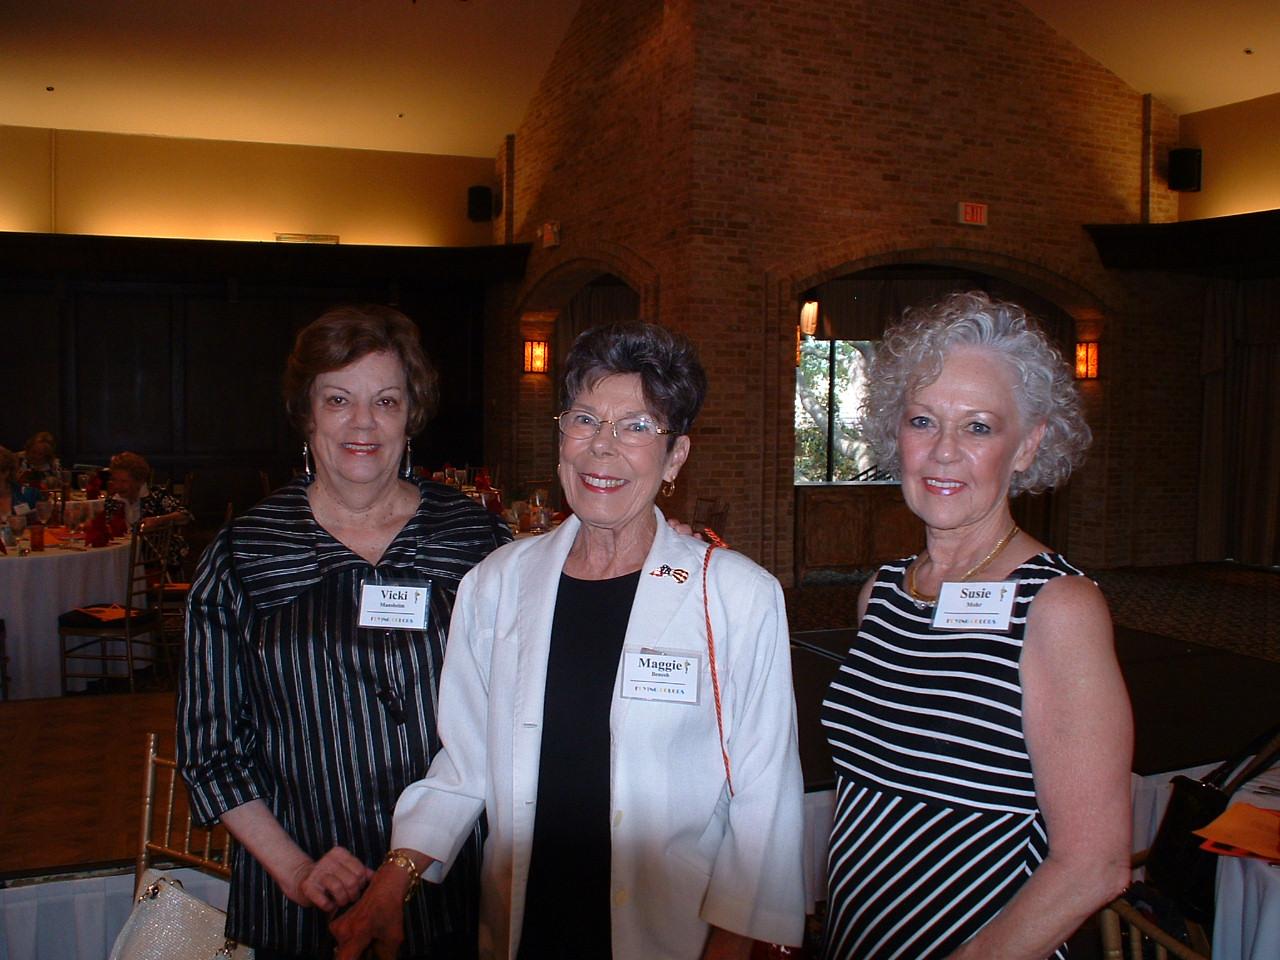 Vikki Mansheim, Maggie Benesh & Susie Mohr